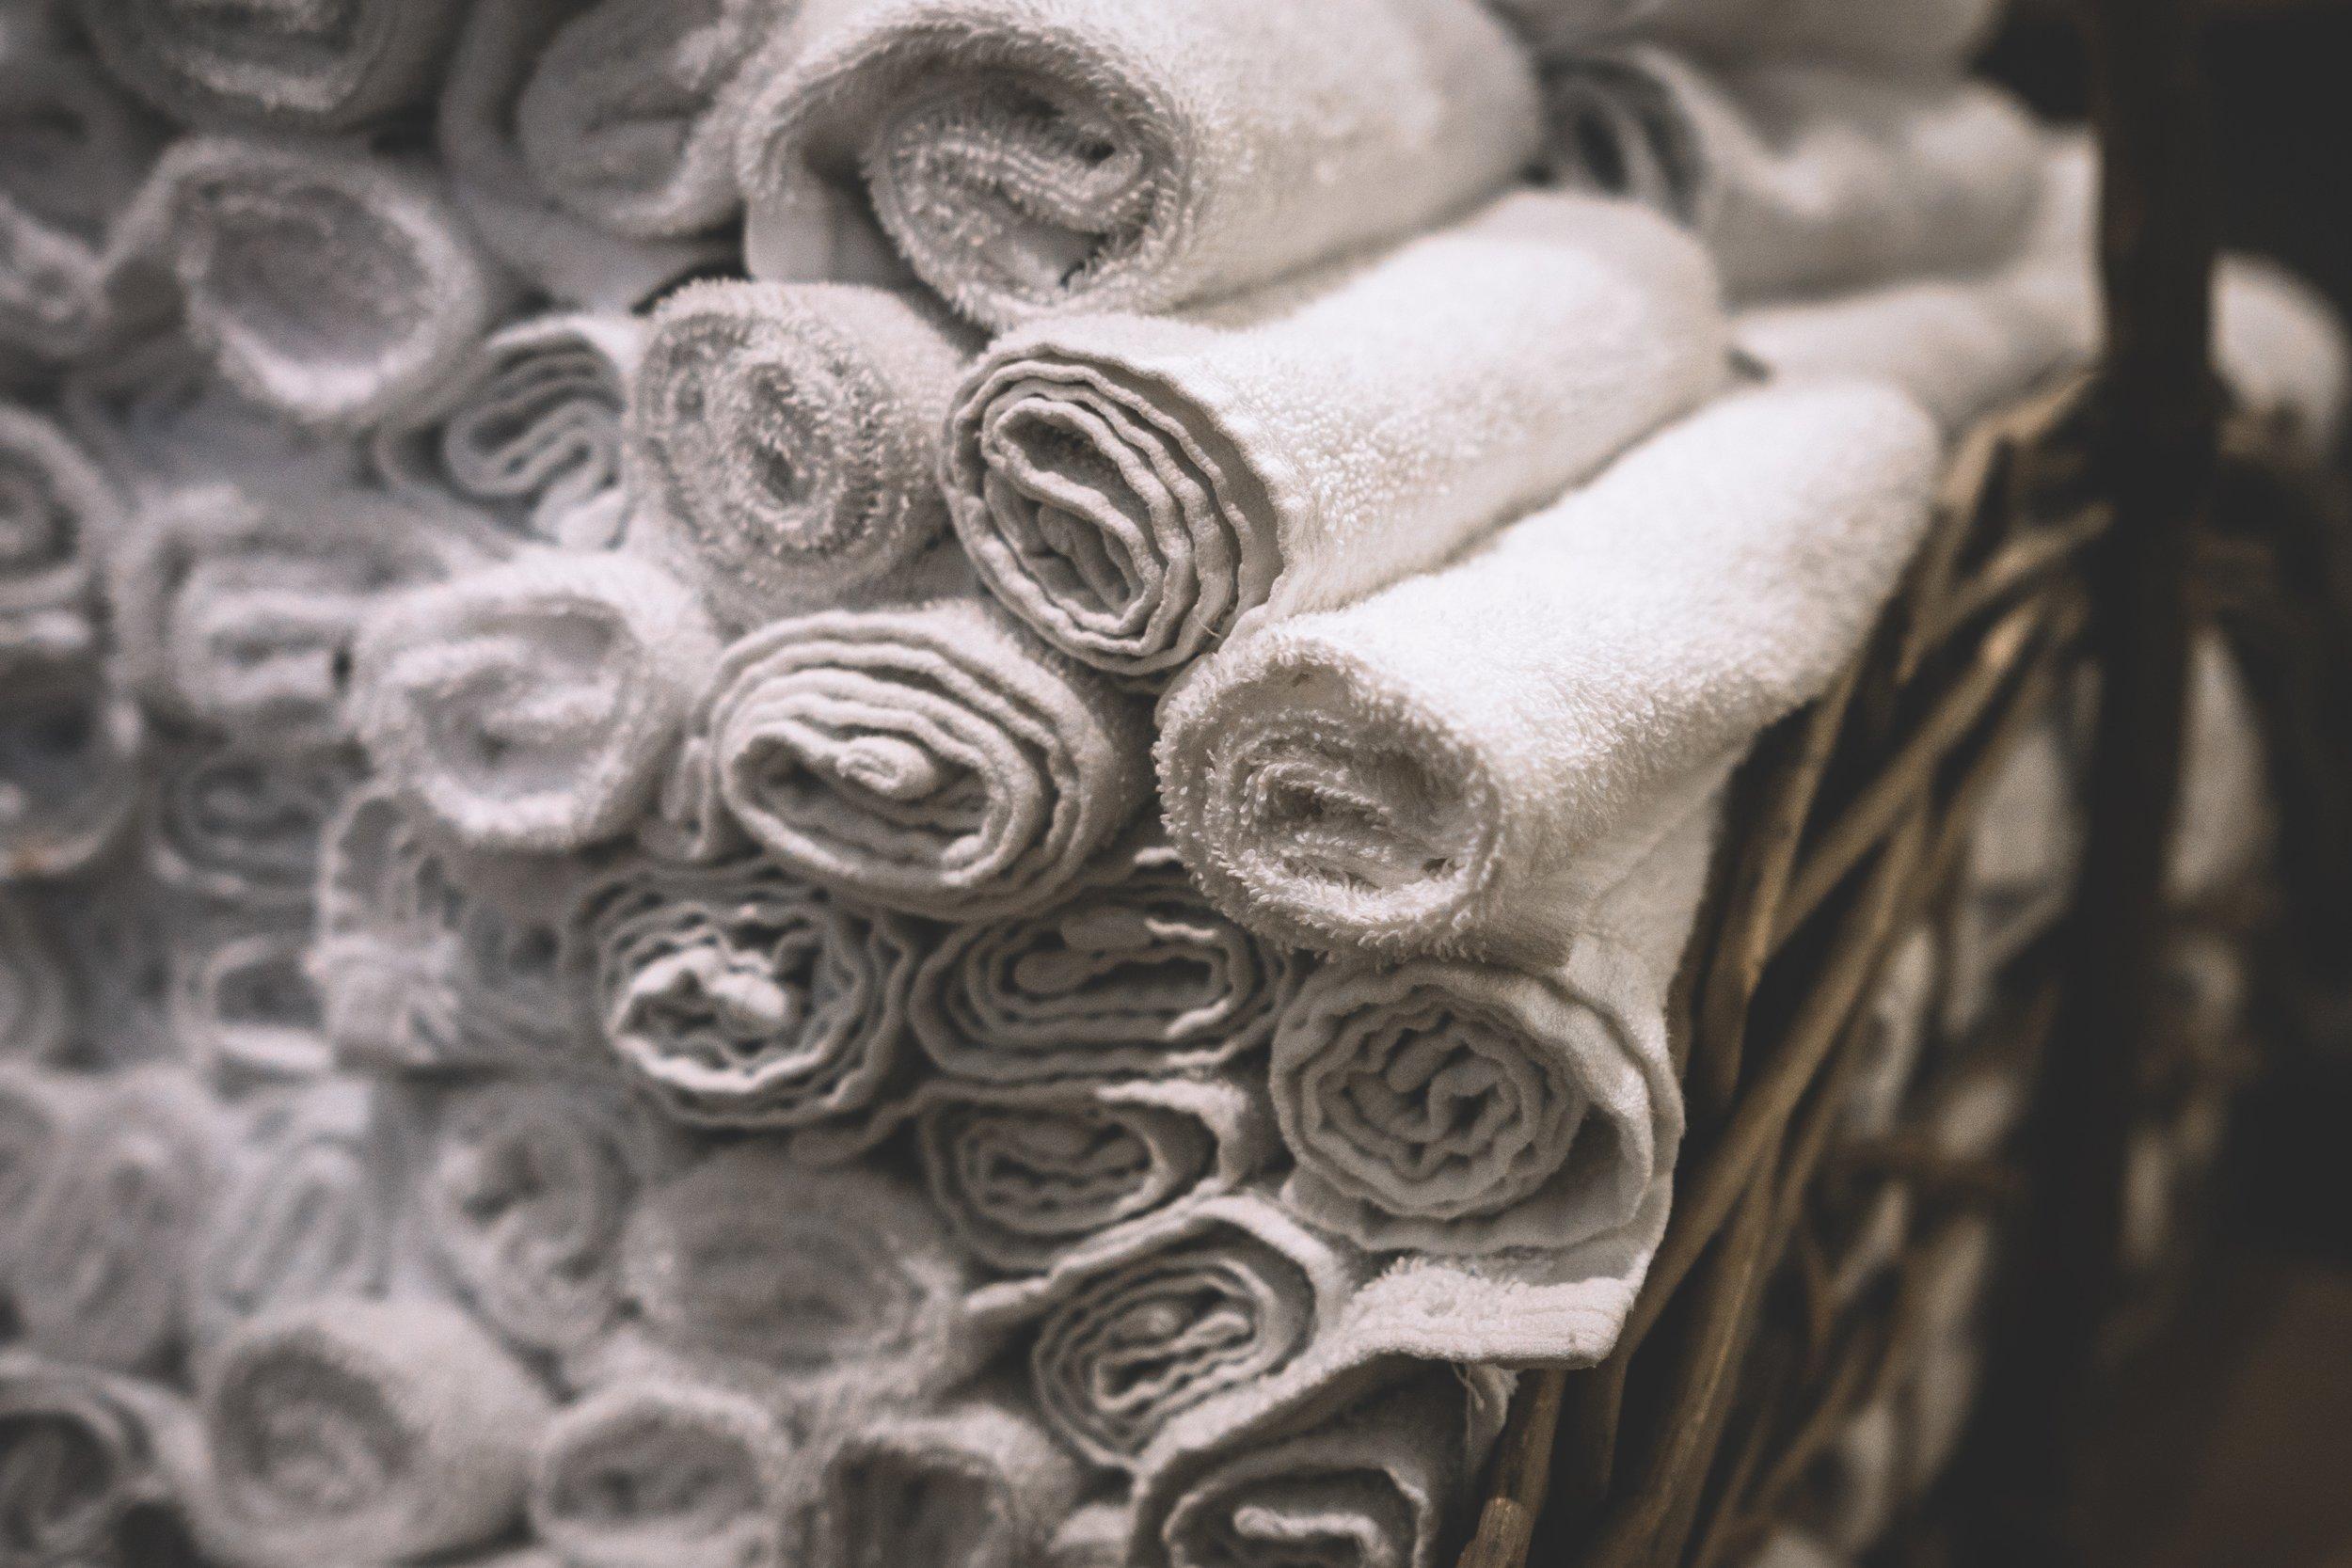 basket-bath-bath-towels-282892.jpg